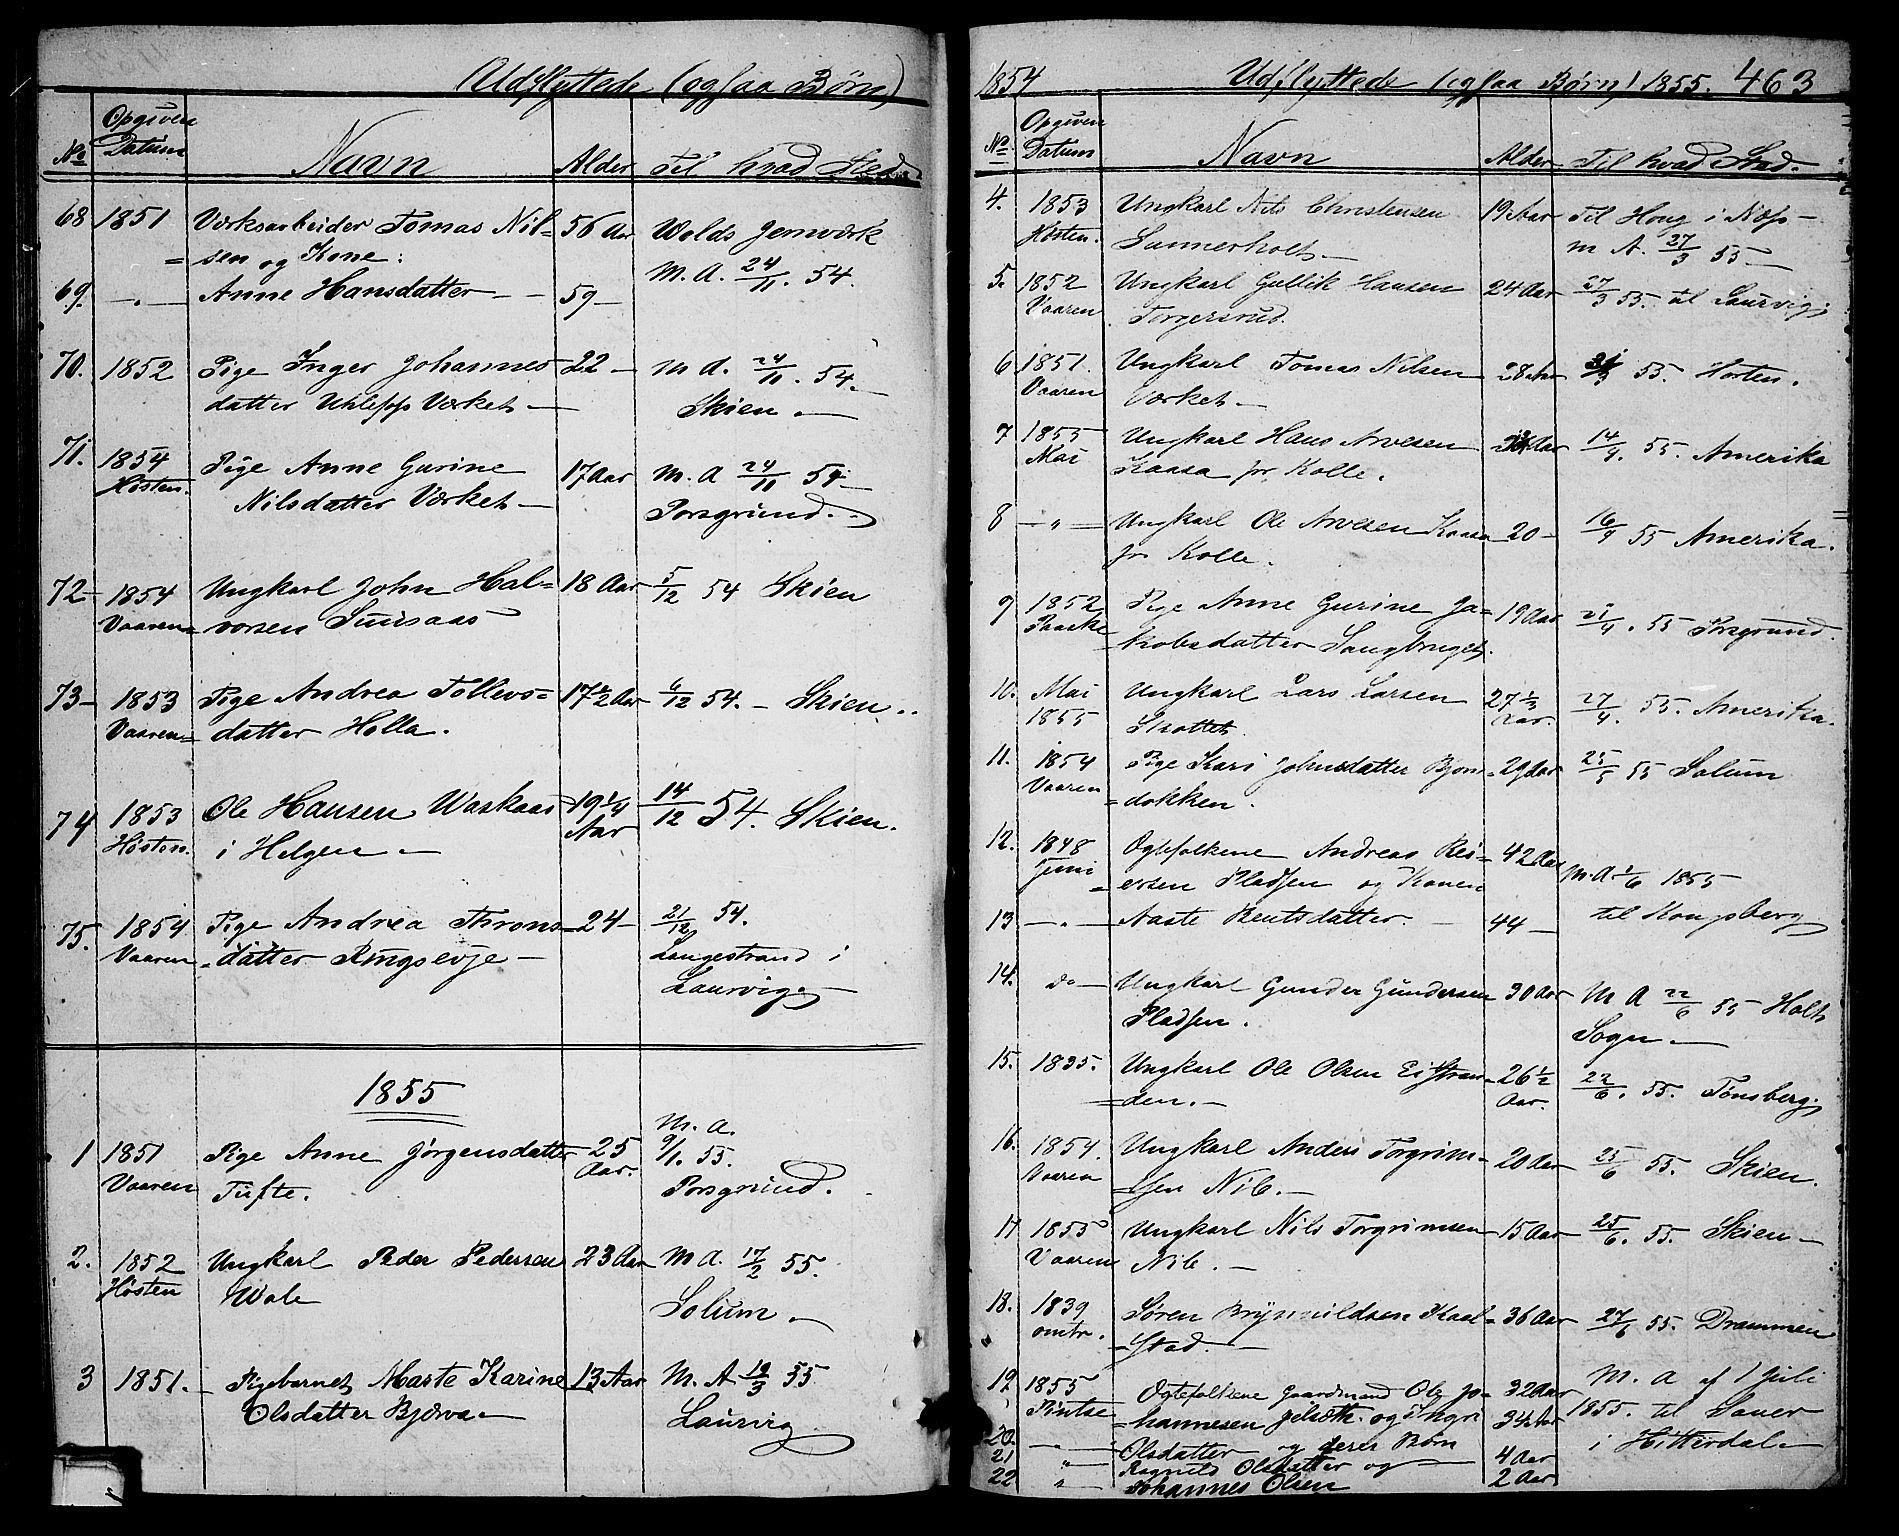 SAKO, Holla kirkebøker, G/Ga/L0003: Klokkerbok nr. I 3, 1849-1866, s. 463